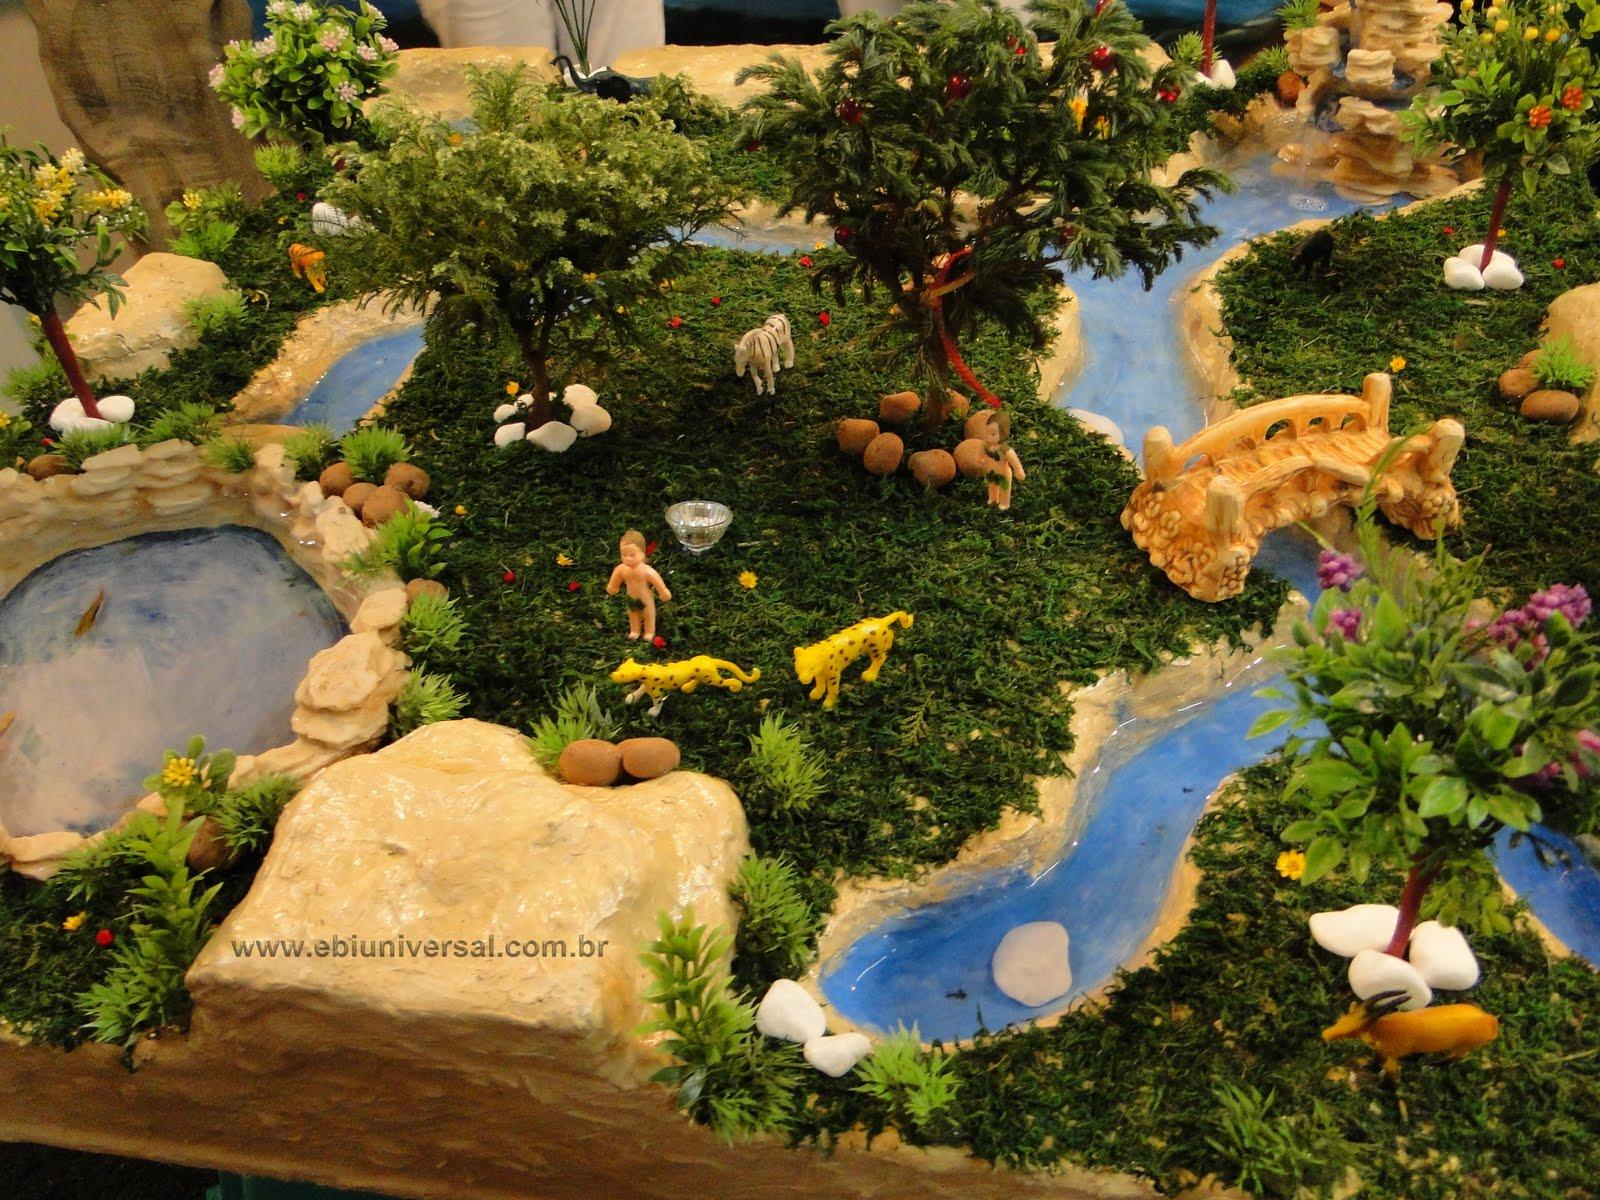 Blog da ebi a feira de conhecimentos marcou for Esplanada dos jardins 1